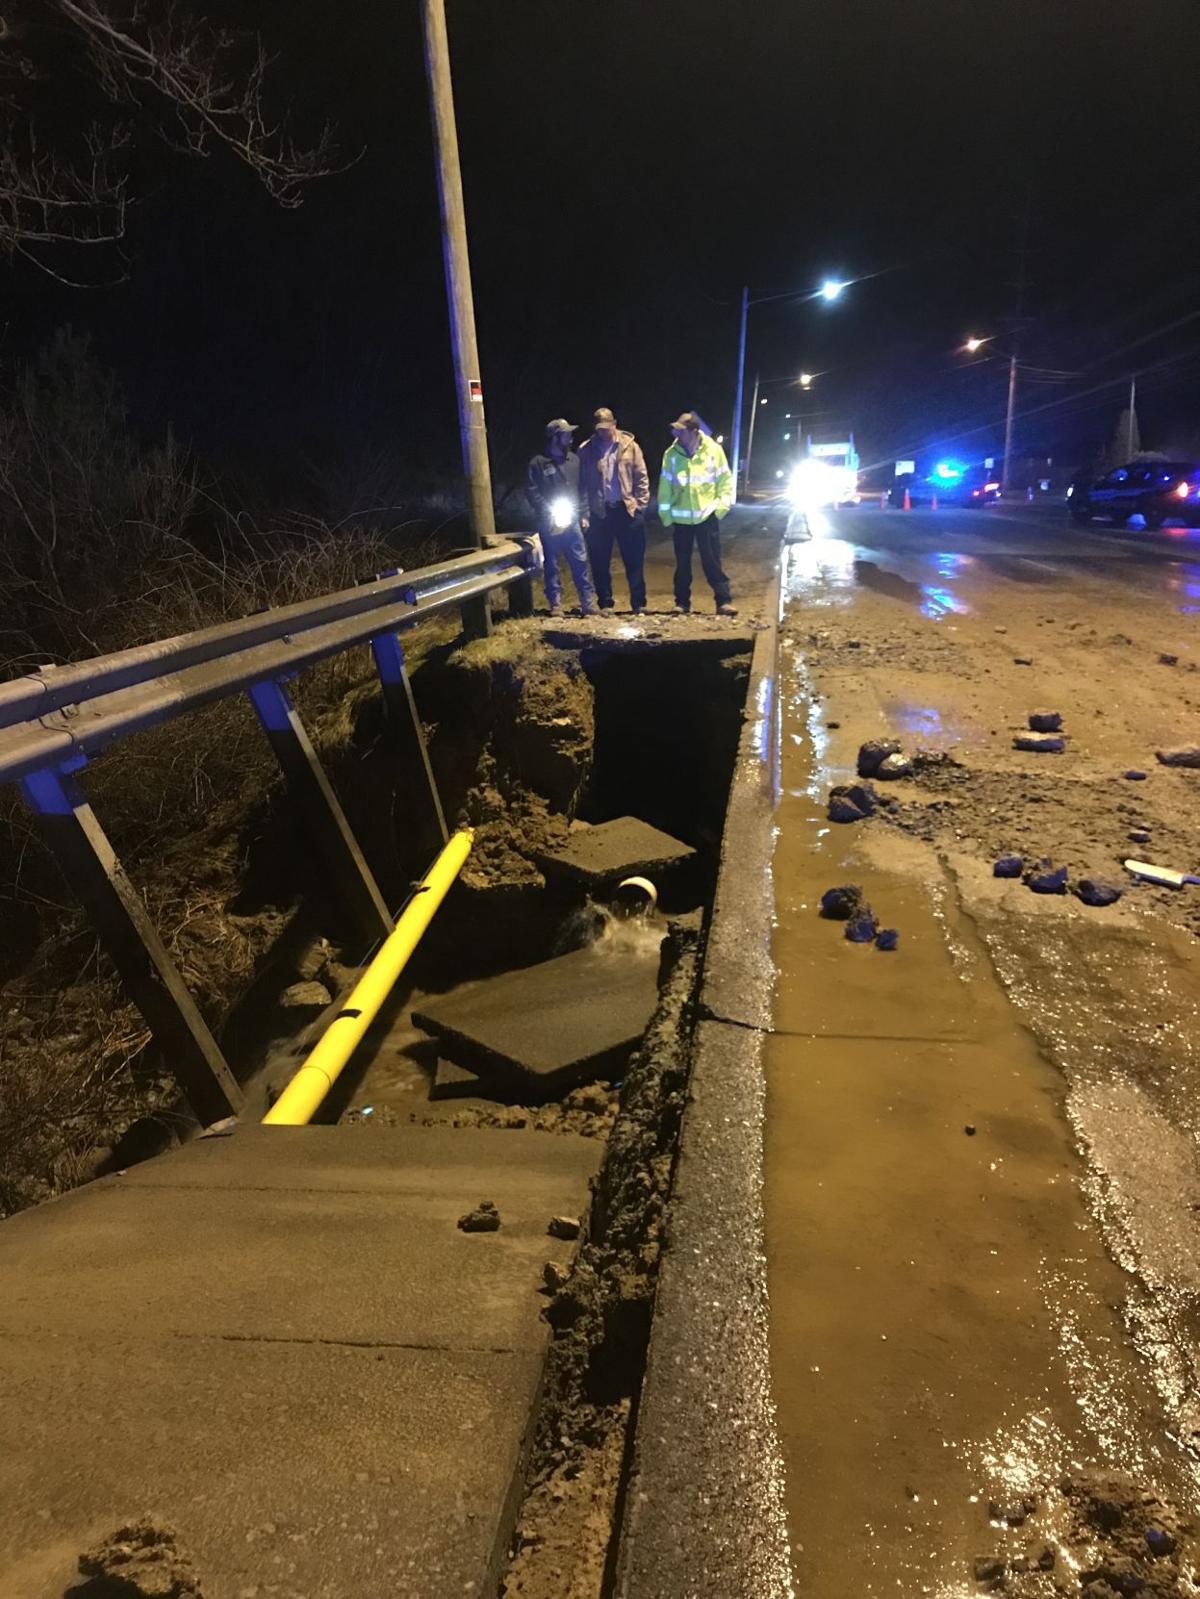 Collapsed sidewalk